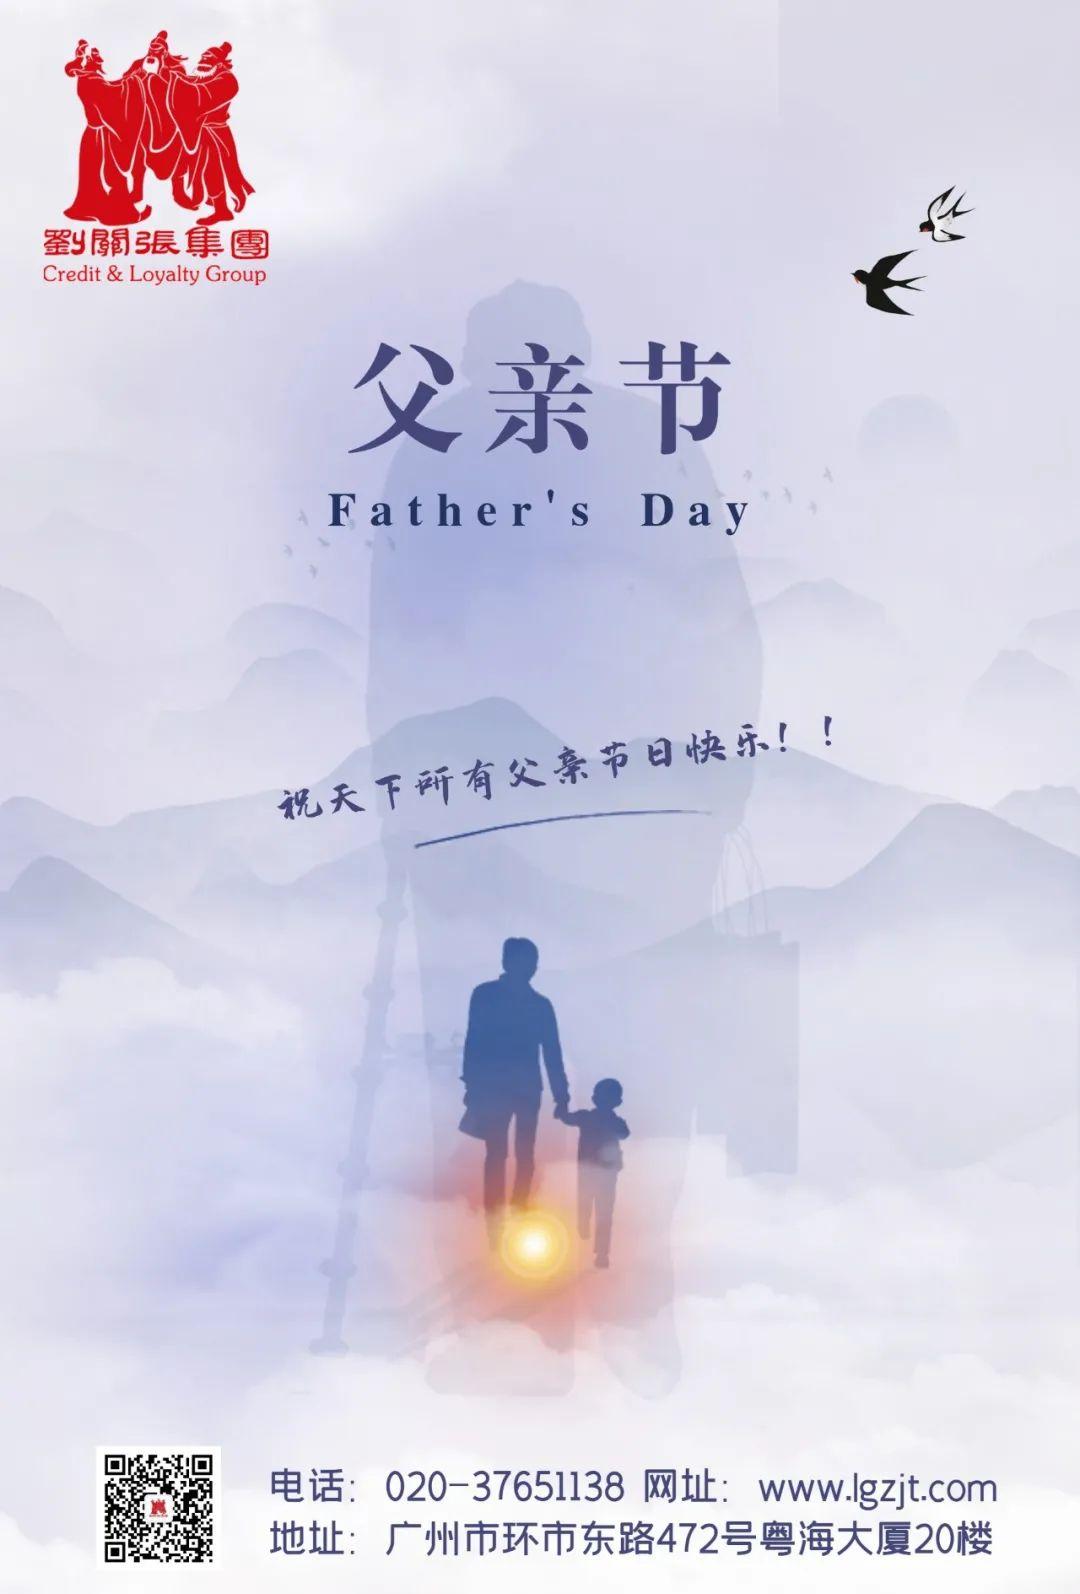 父亲节|父爱如山,一路陪伴